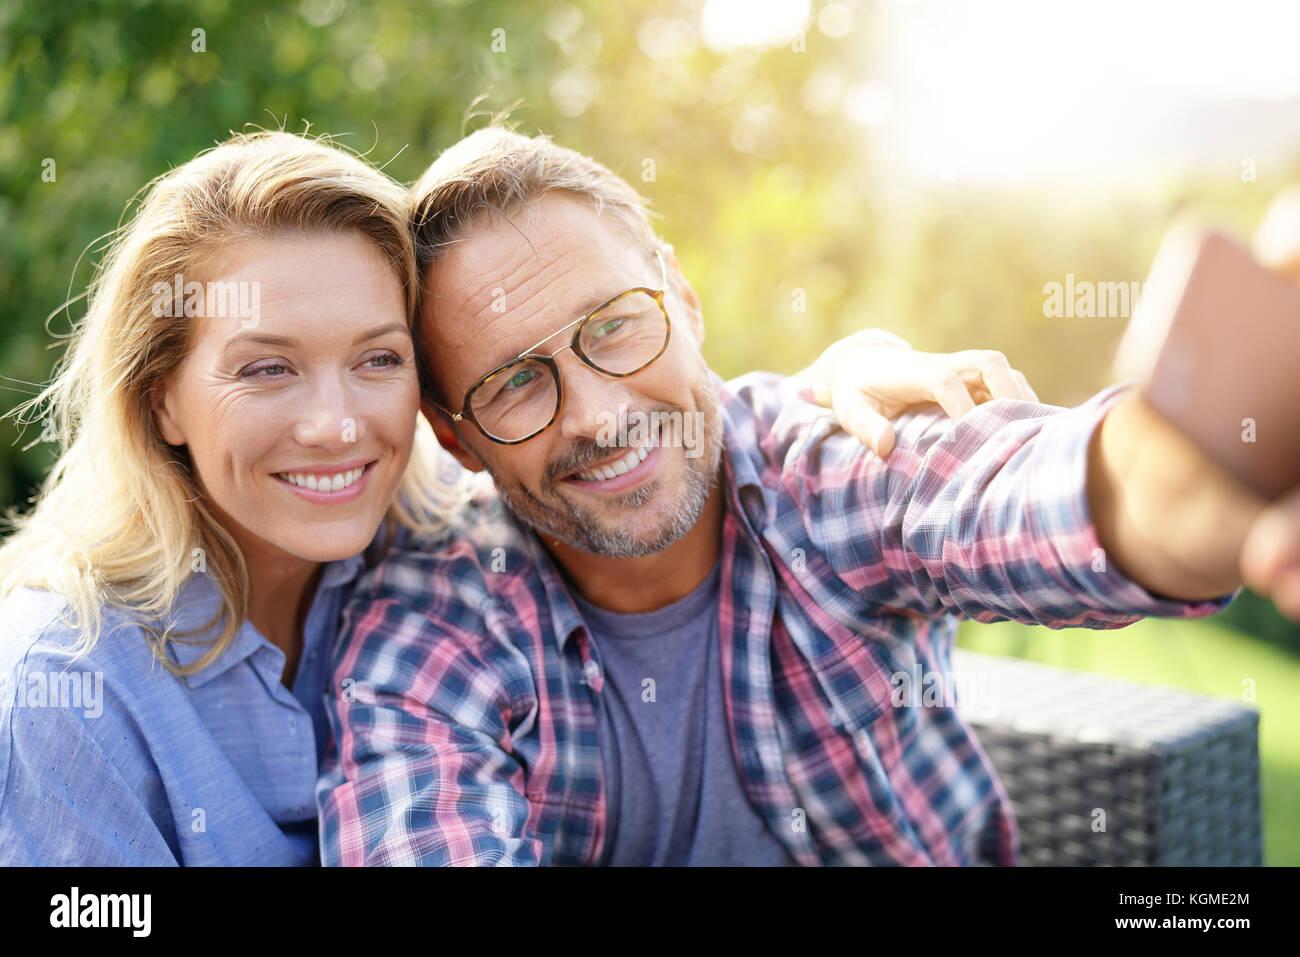 Ritratto di Allegro Coppia matura tenendo selfie foto Immagini Stock